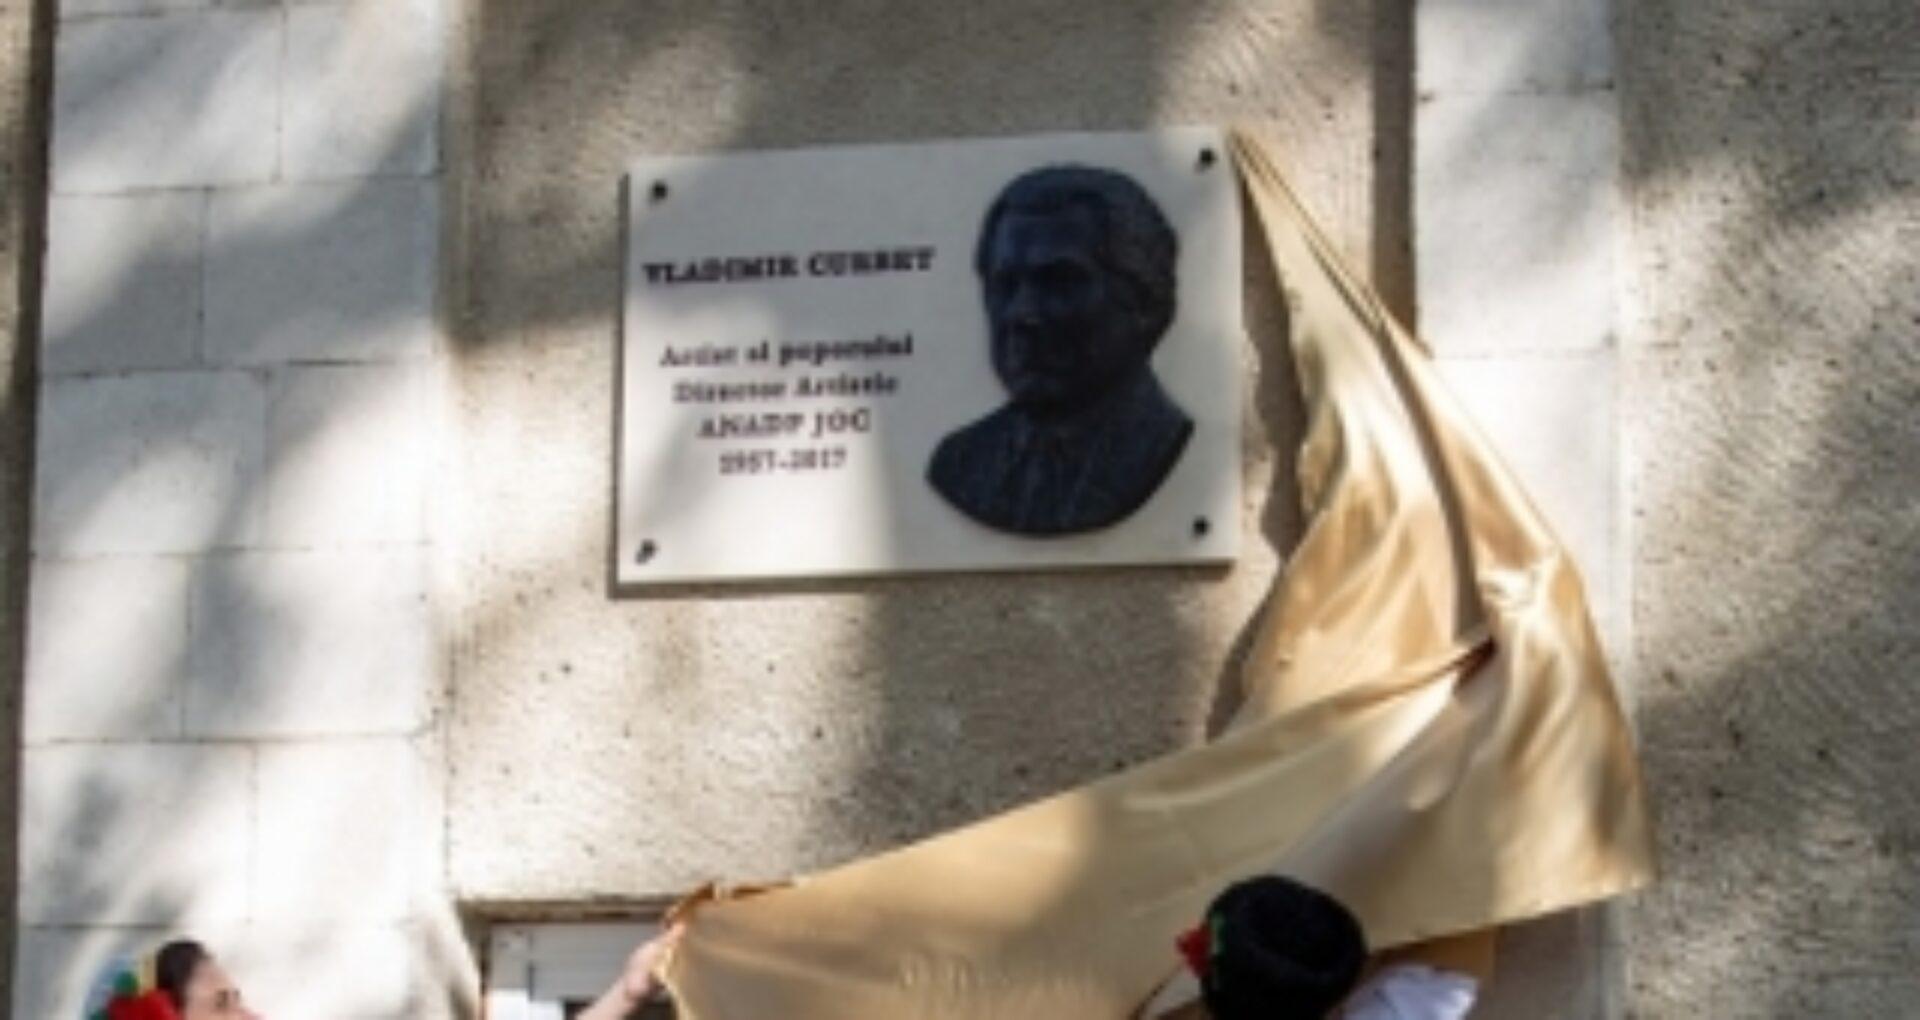 A fost dezvelită placa comemorativă Vladimir Curbet și inaugurată sala mică de repetiții a Baletului Național JOC